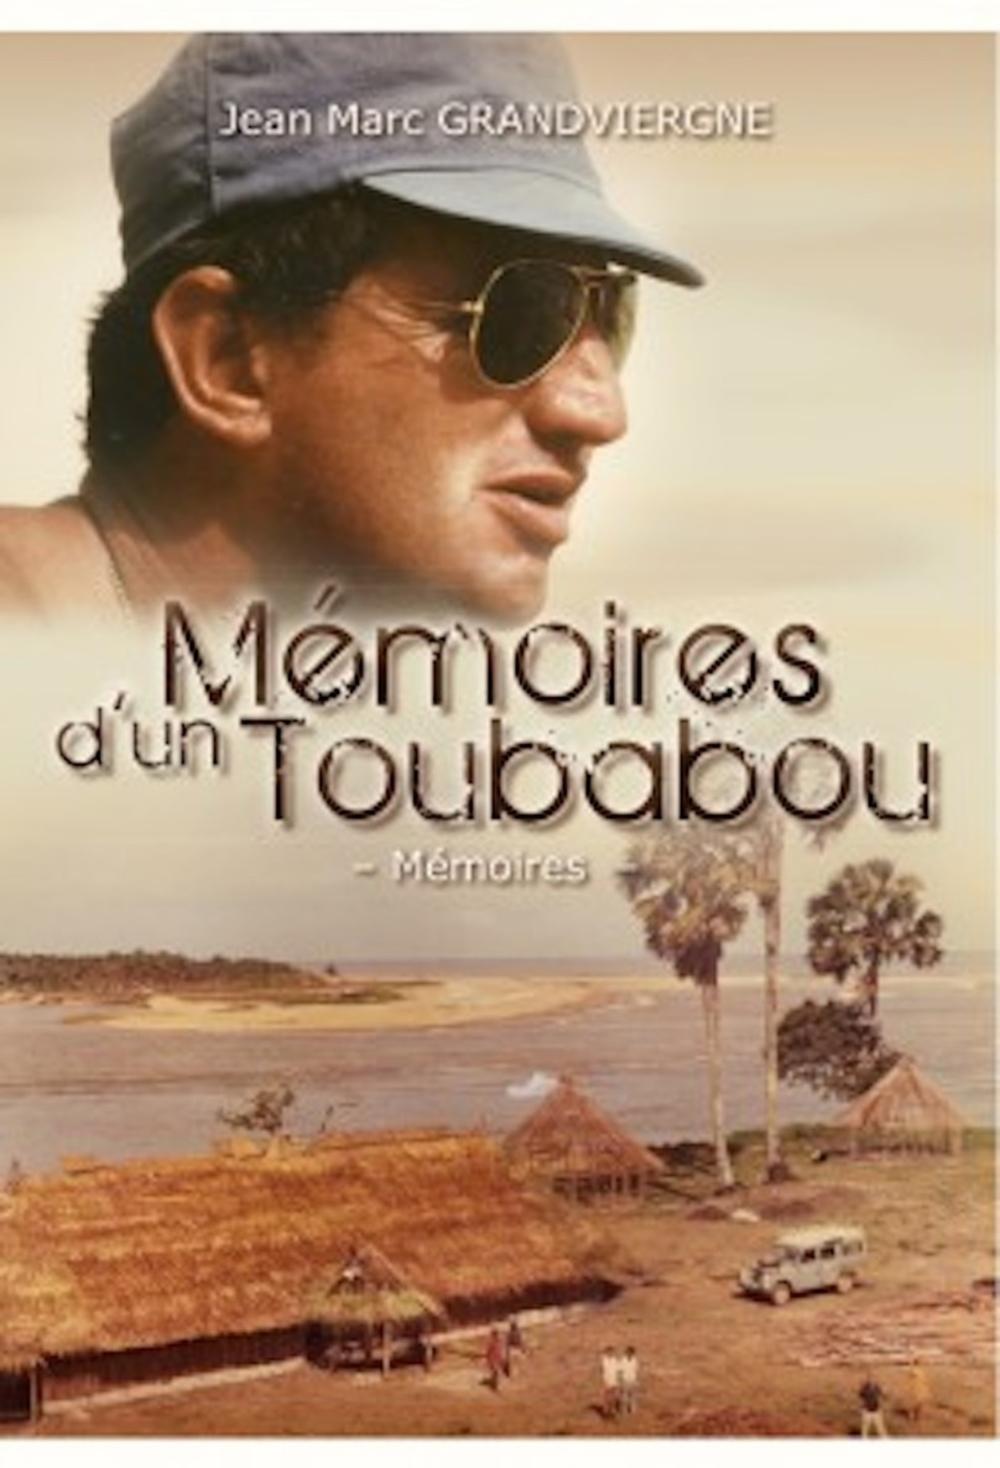 Mémoires d'un Toubabou